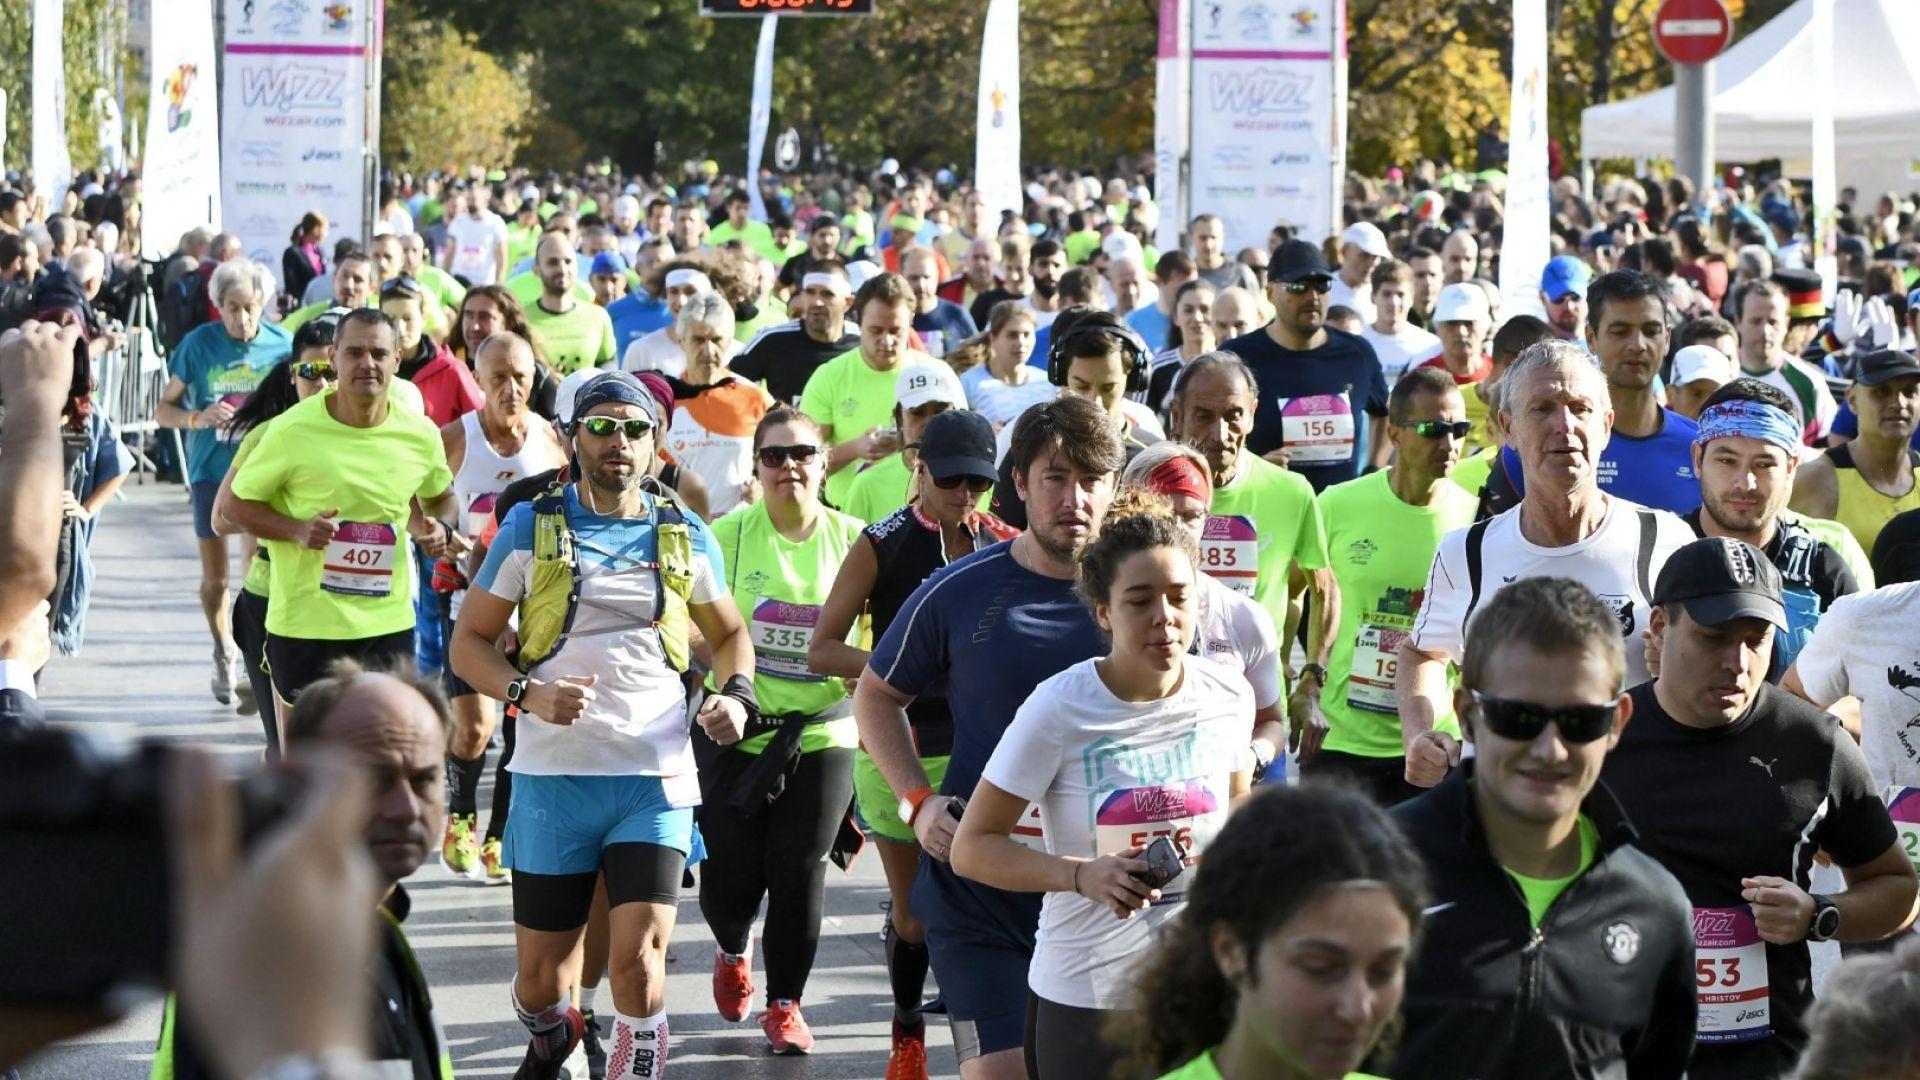 Пренареждат класирането на българския маратон, ако се потвърди допинга